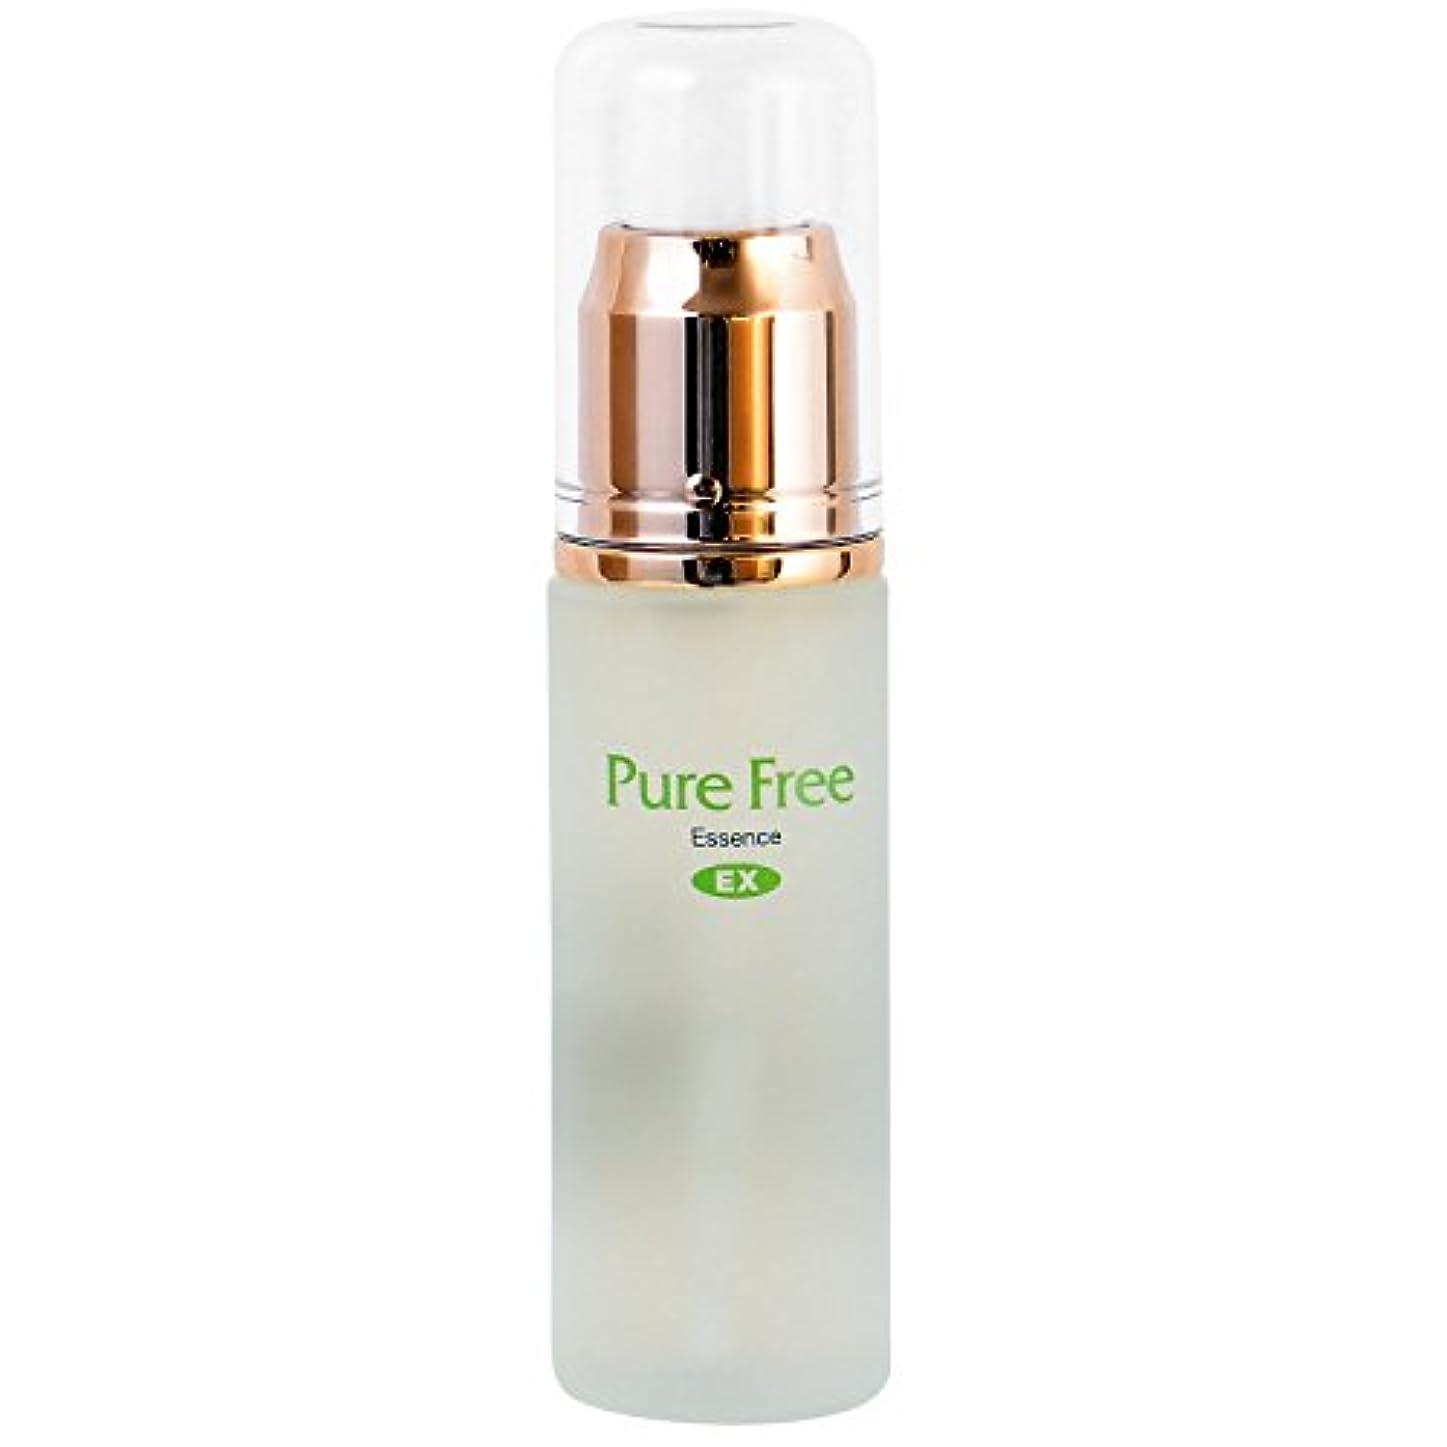 オークカプラー最少Pure Free (ピュアフリー) エッセンスEX オーガニック 正規品 美容液 (サンプル用意あり)